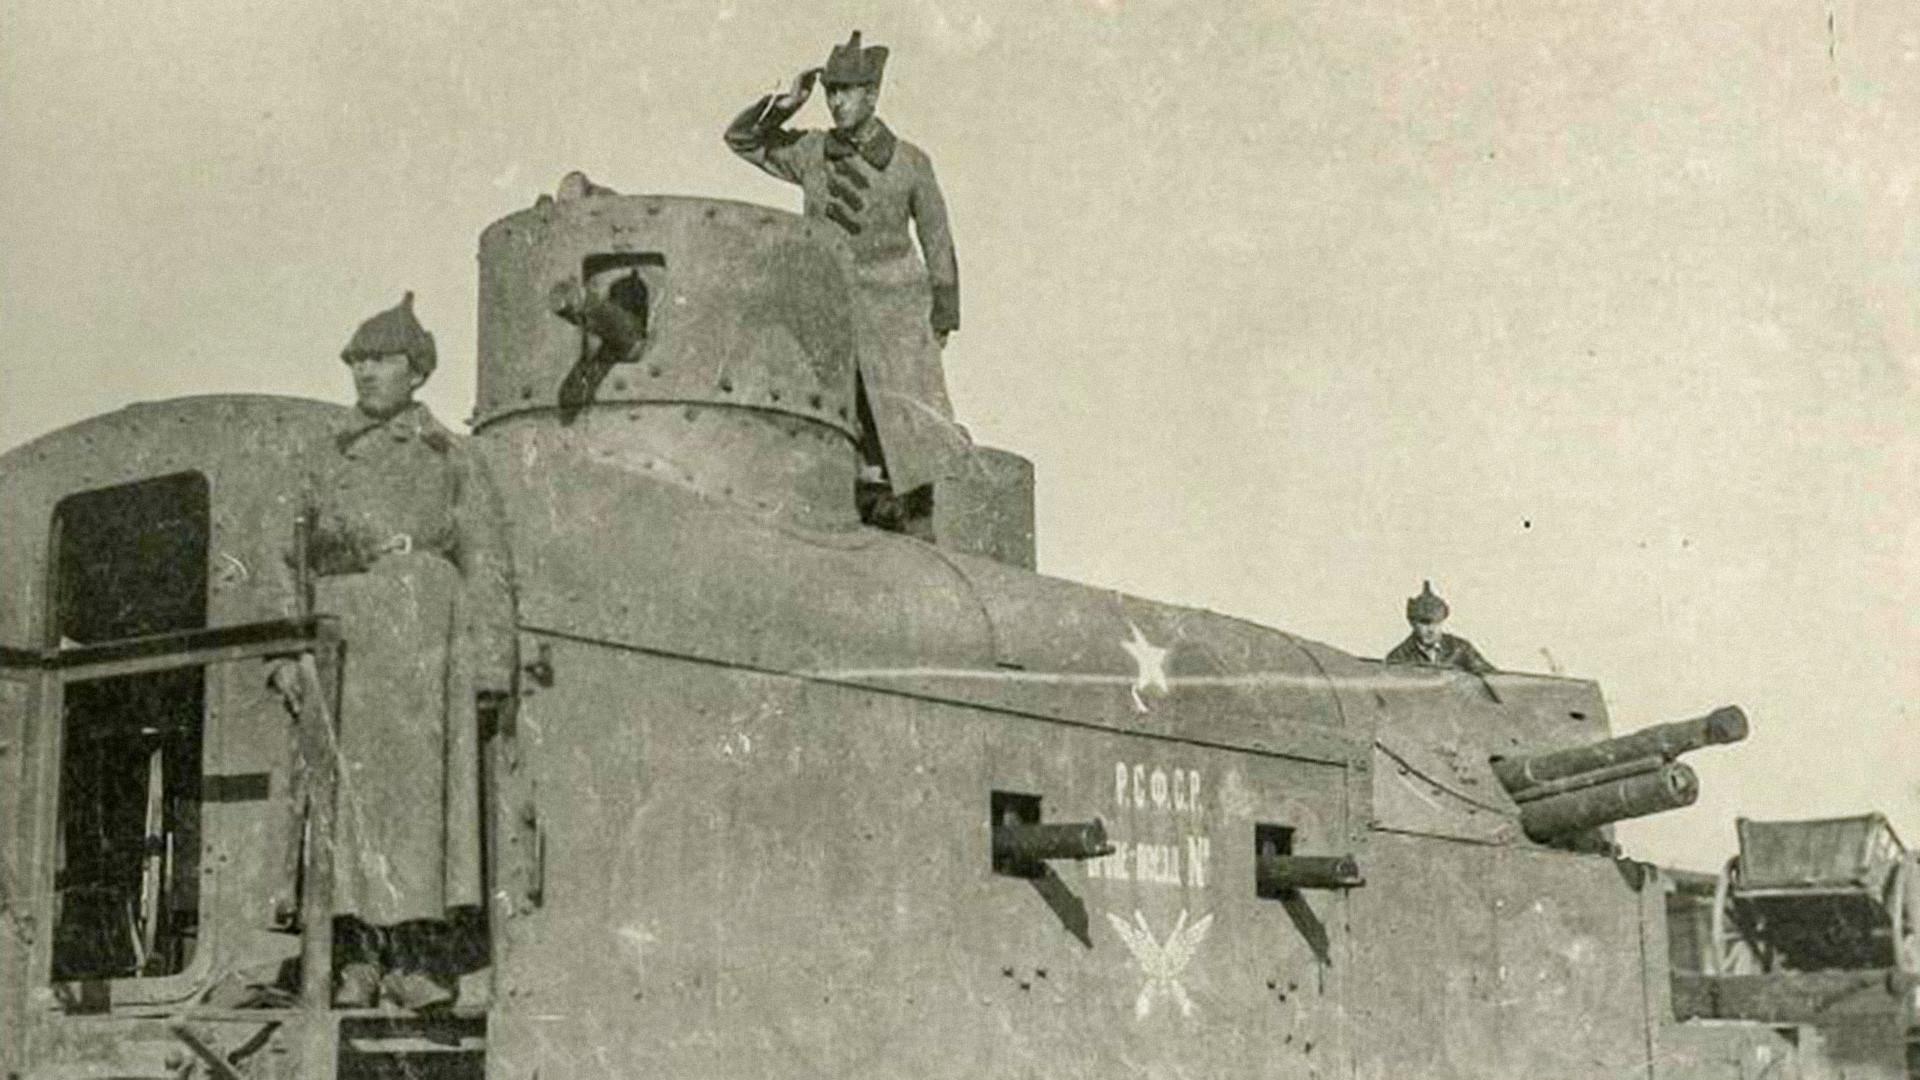 Oklopni vlak Južne fronte Rdeče armade v času ruske državljanske vojne.